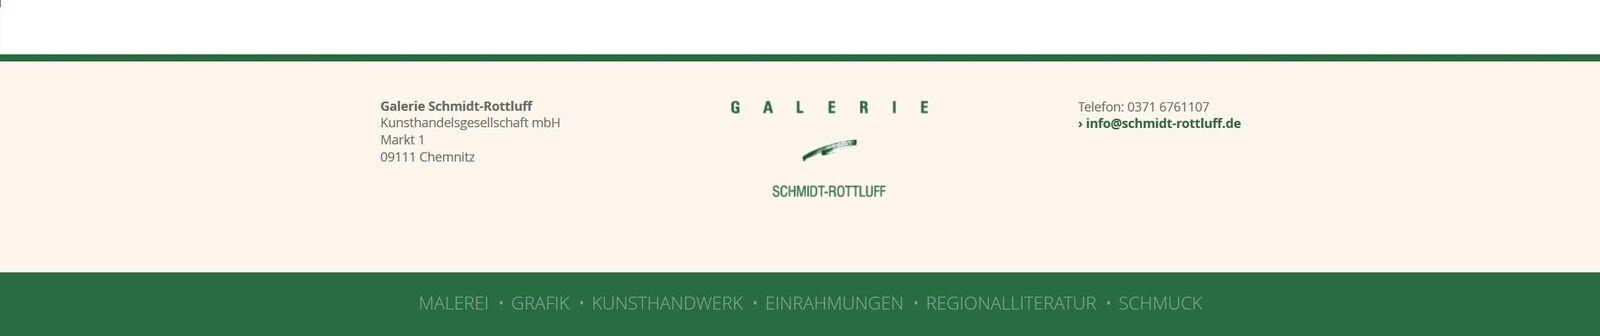 kunsthandel-chemnitz